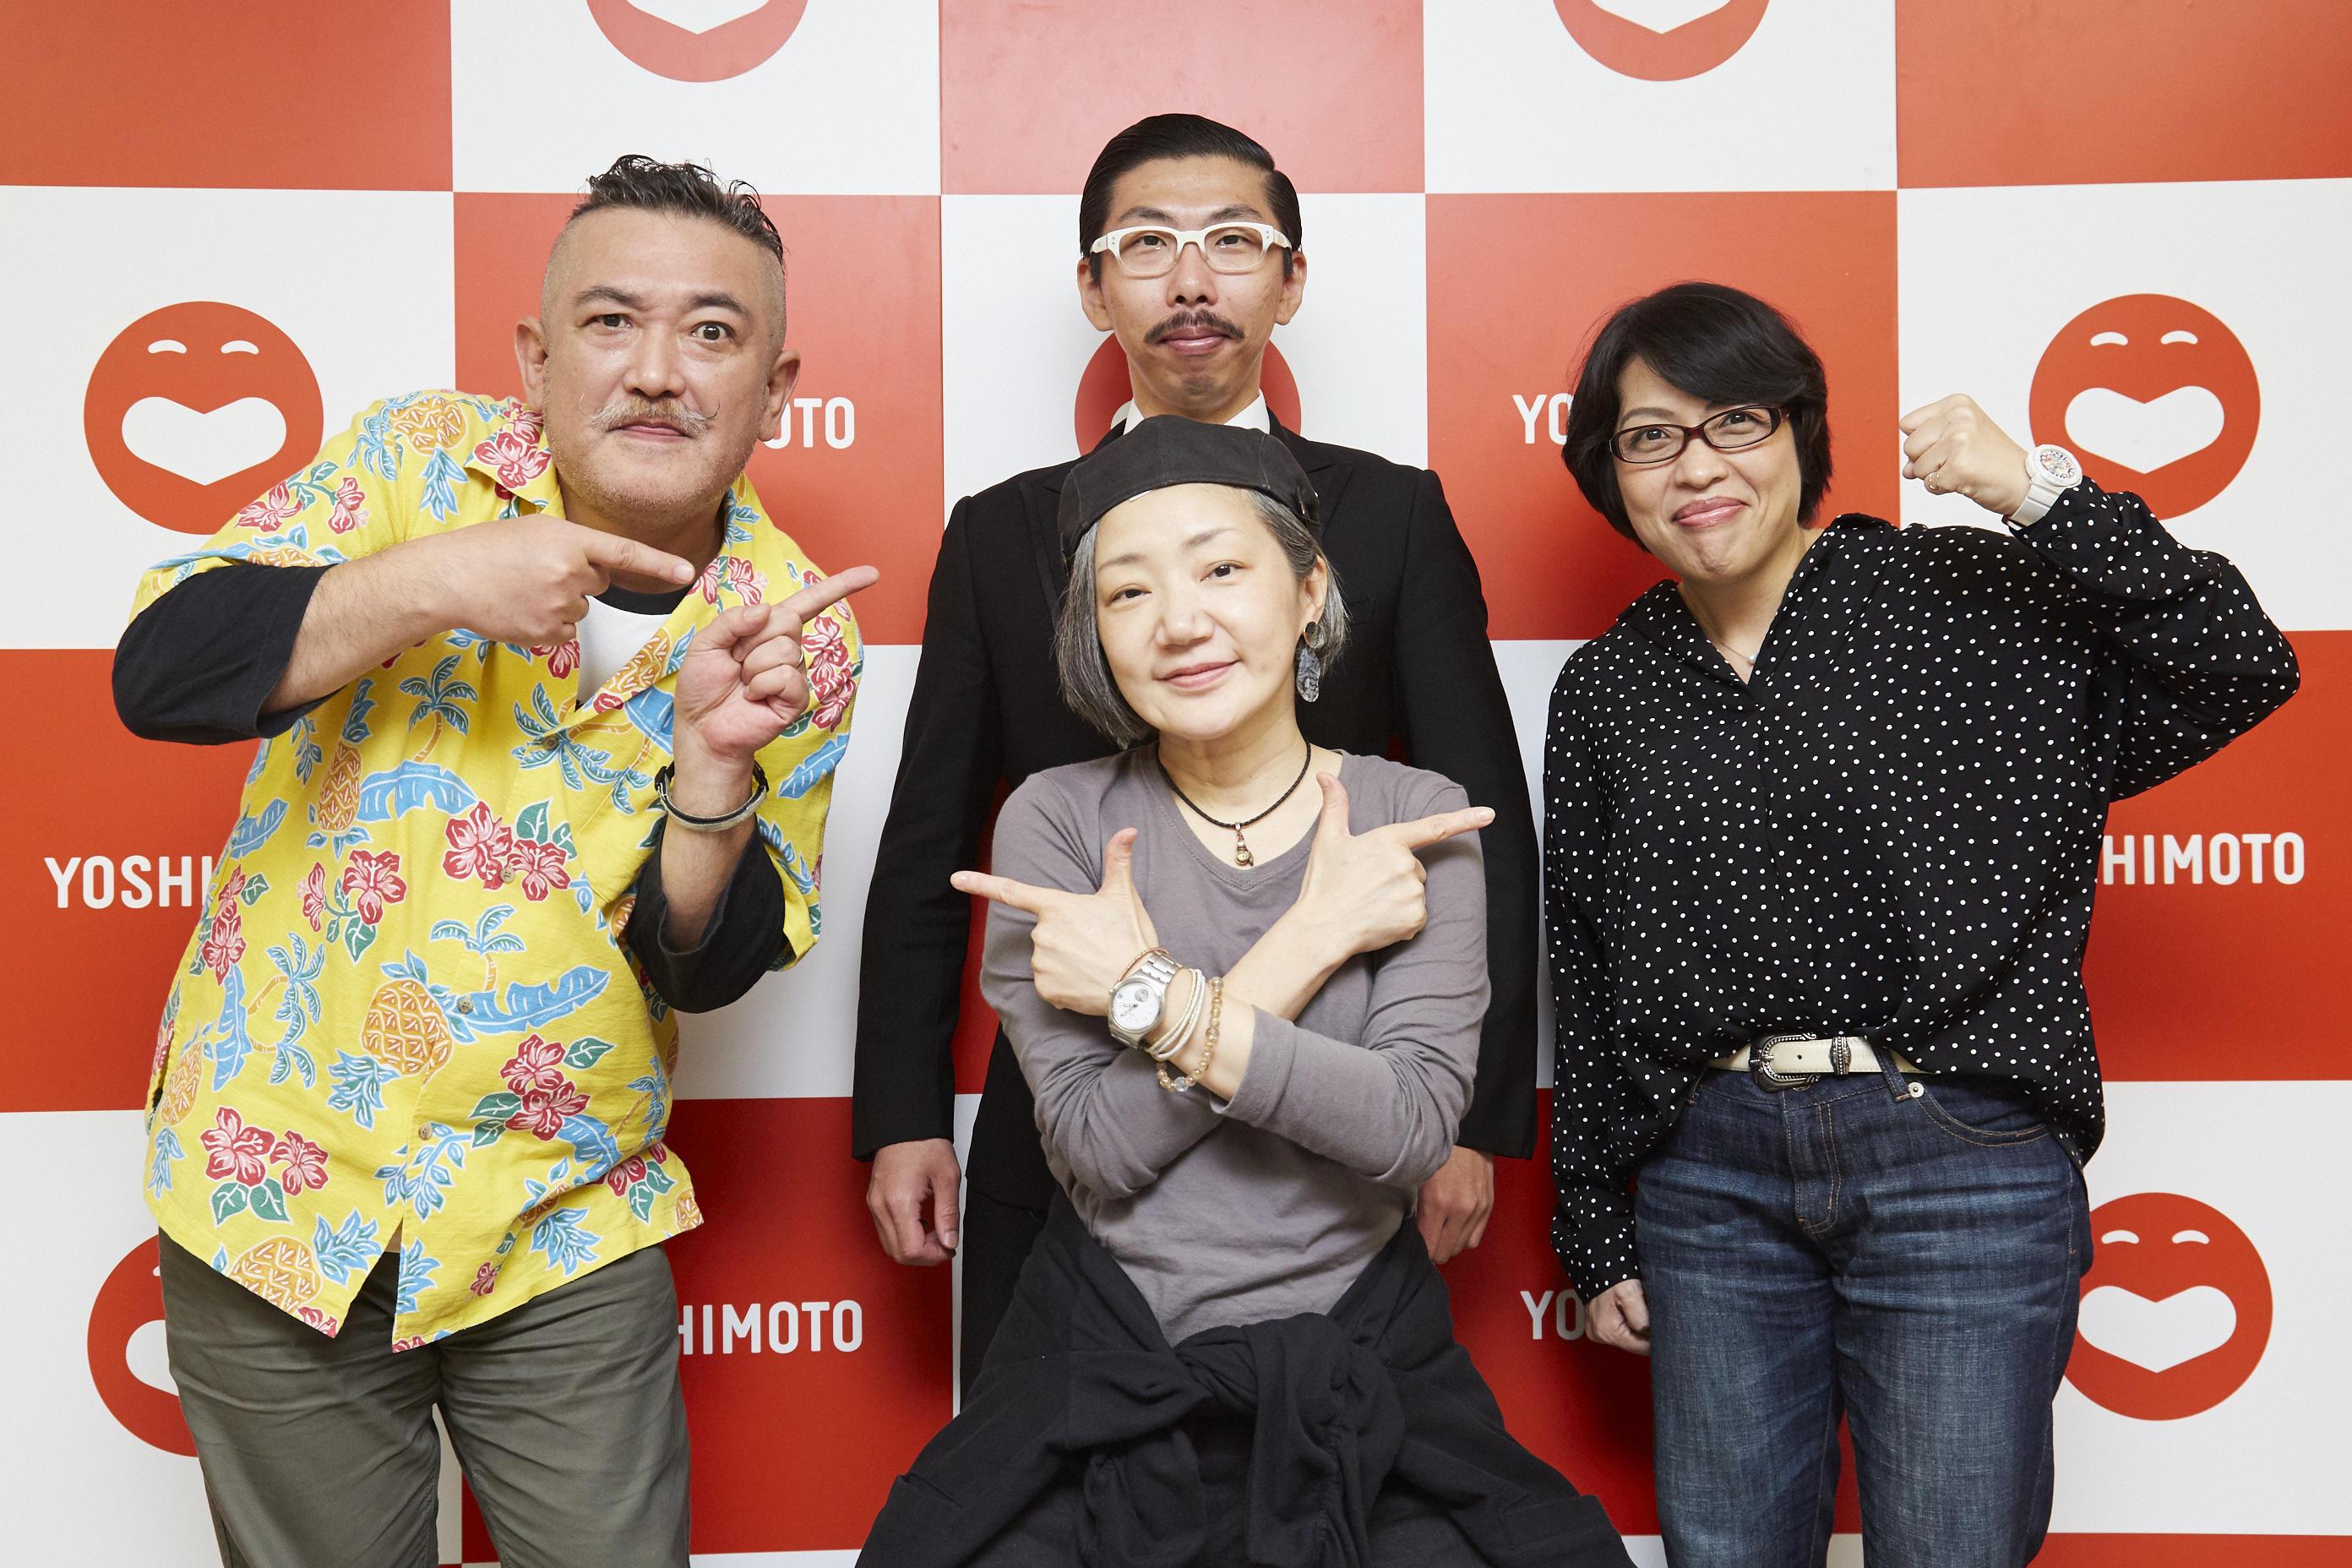 http://news.yoshimoto.co.jp/20181004234715-c993cc340622e8e2b3d17e8a489de8e8b4f3d735.jpg